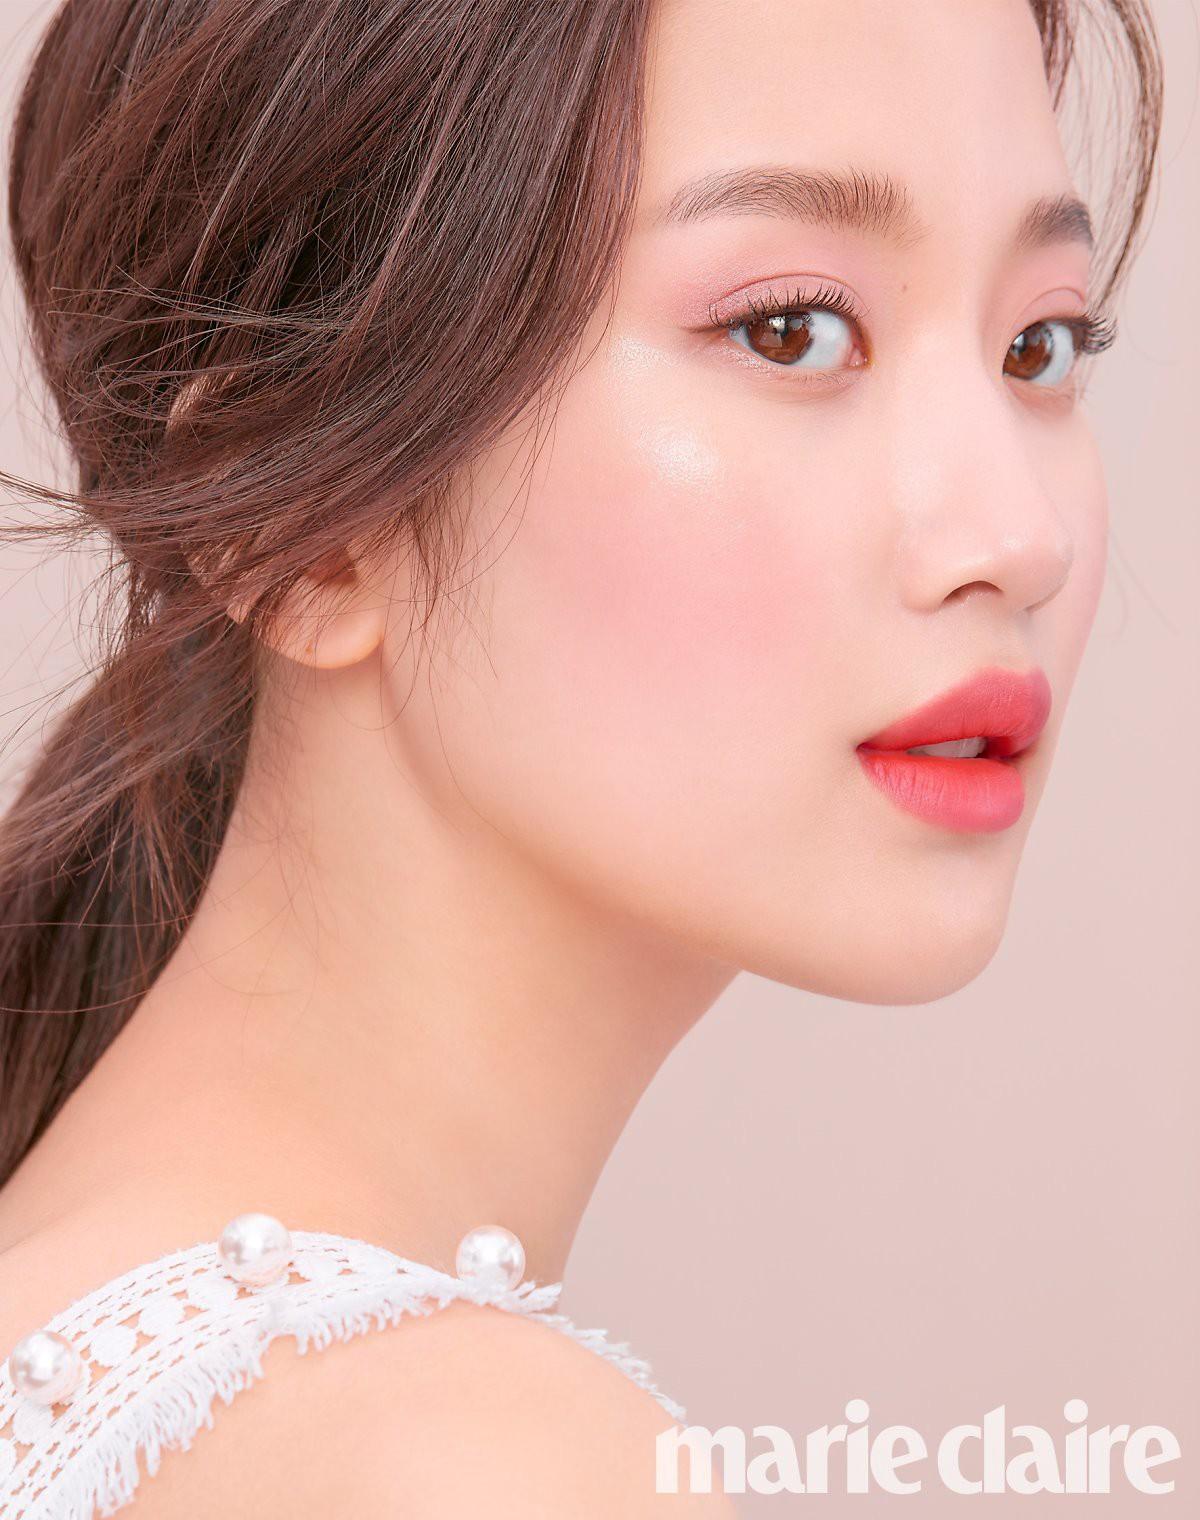 Top mỹ nhân Hàn sinh ra đã có nhan sắc và thần thái công chúa: Ai cũng đẹp khó tin, riêng số 5 từng dao kéo - Ảnh 14.